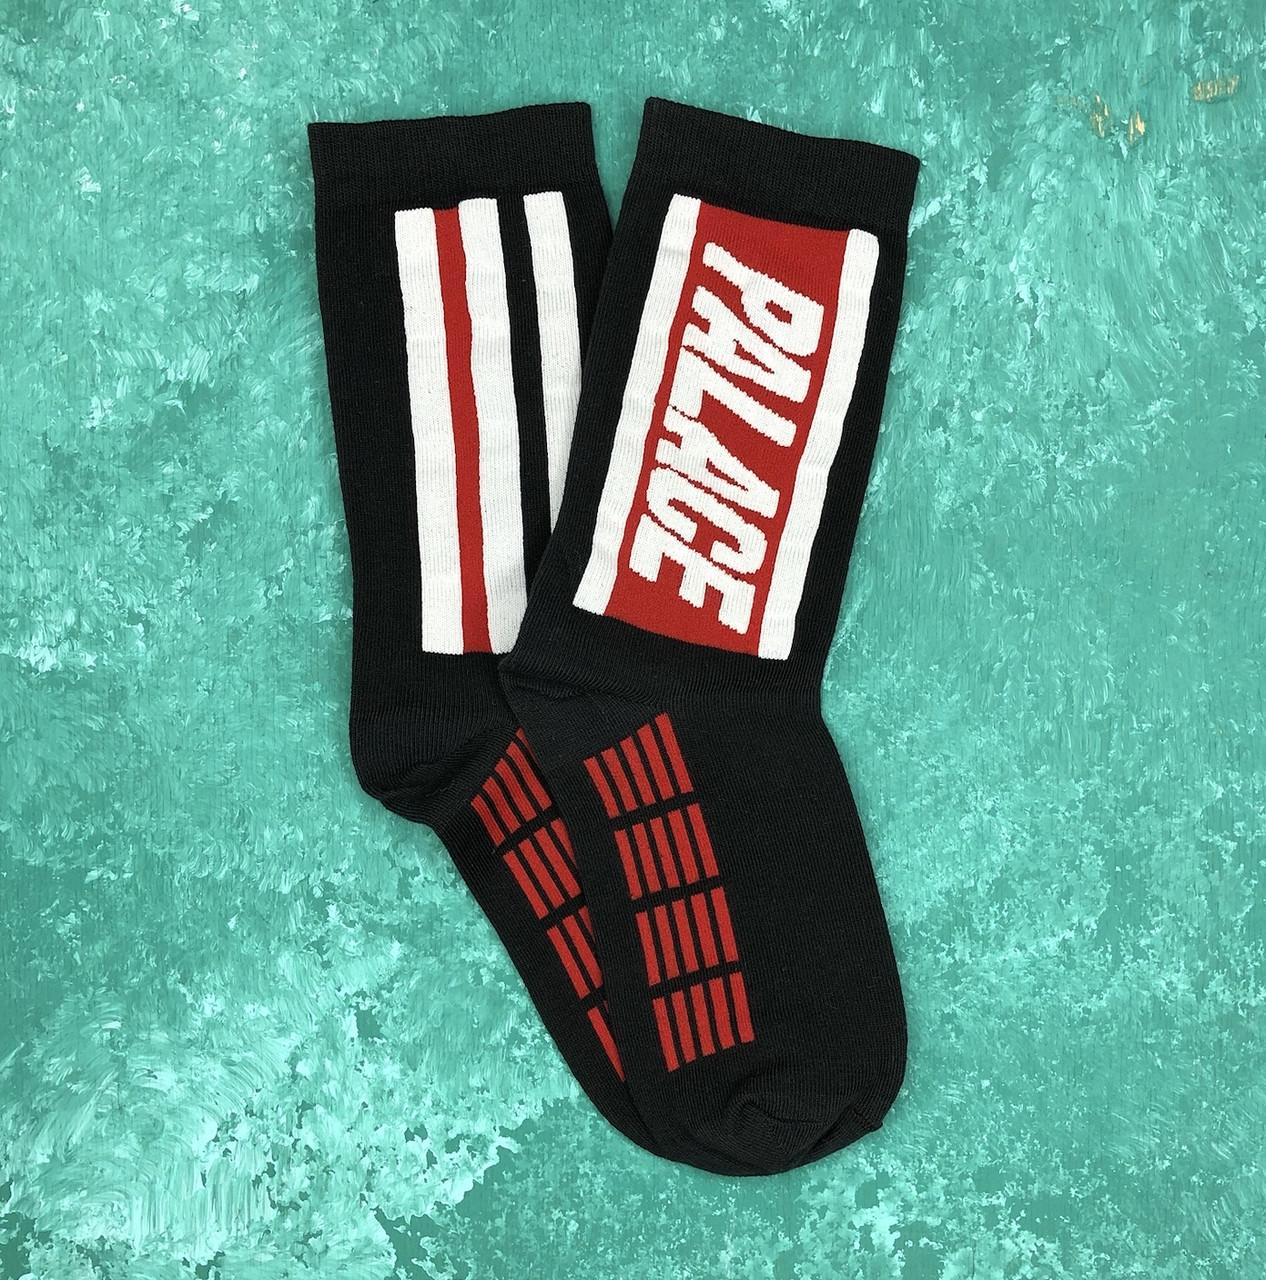 Шкарпетки Високі Жіночі Чоловічі Palace Чорні з червоною смугою 37-43